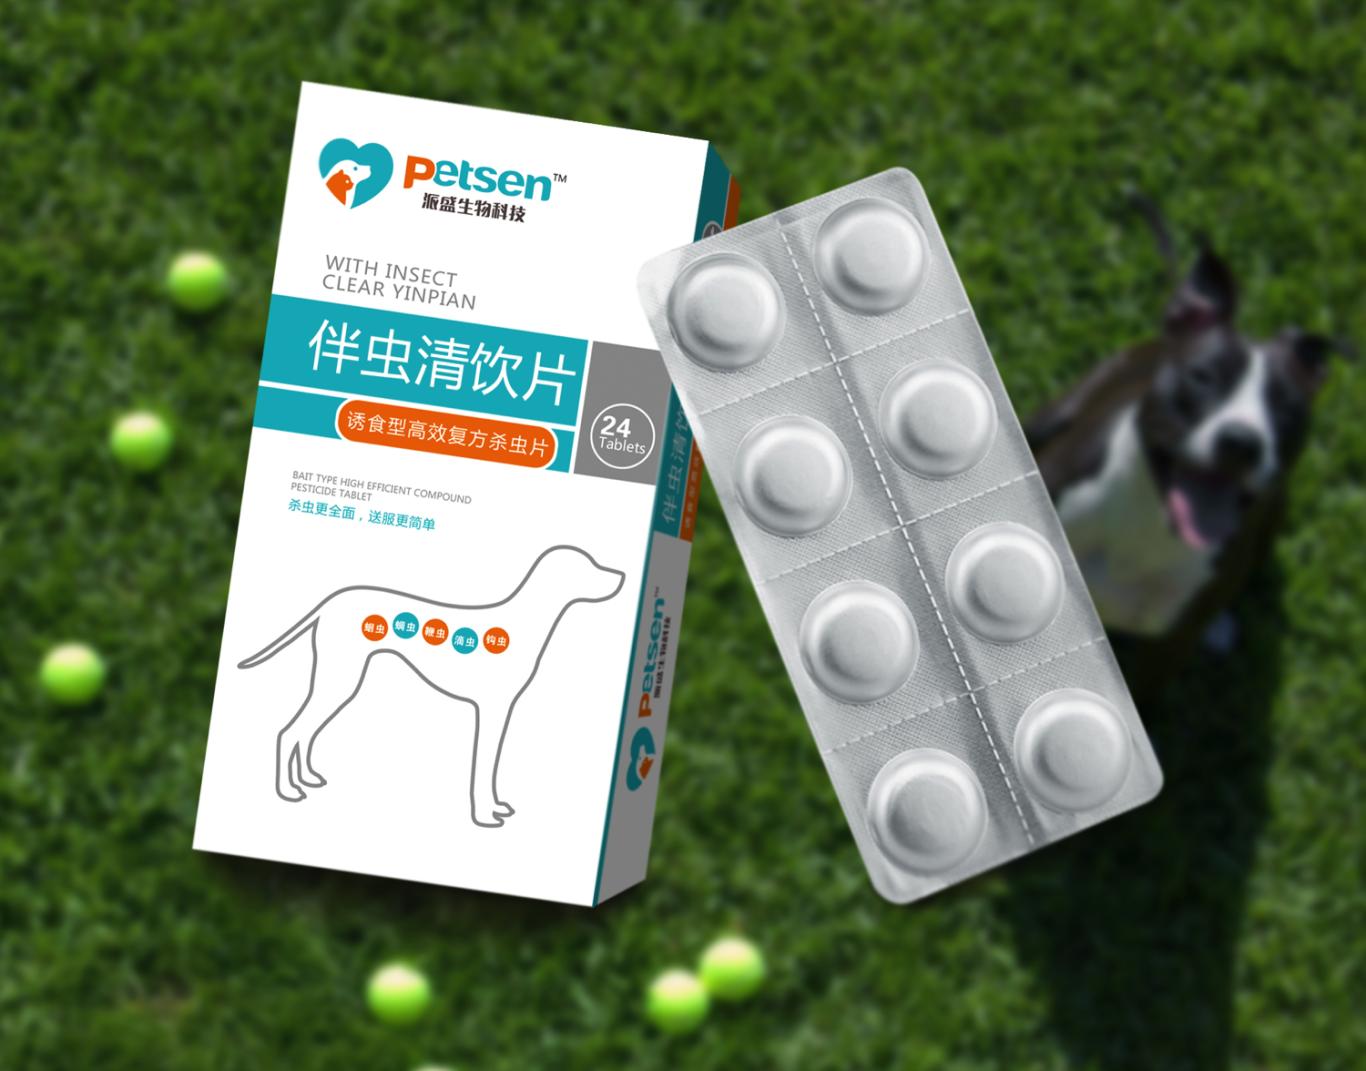 派盛科技 宠物药包装设计图0